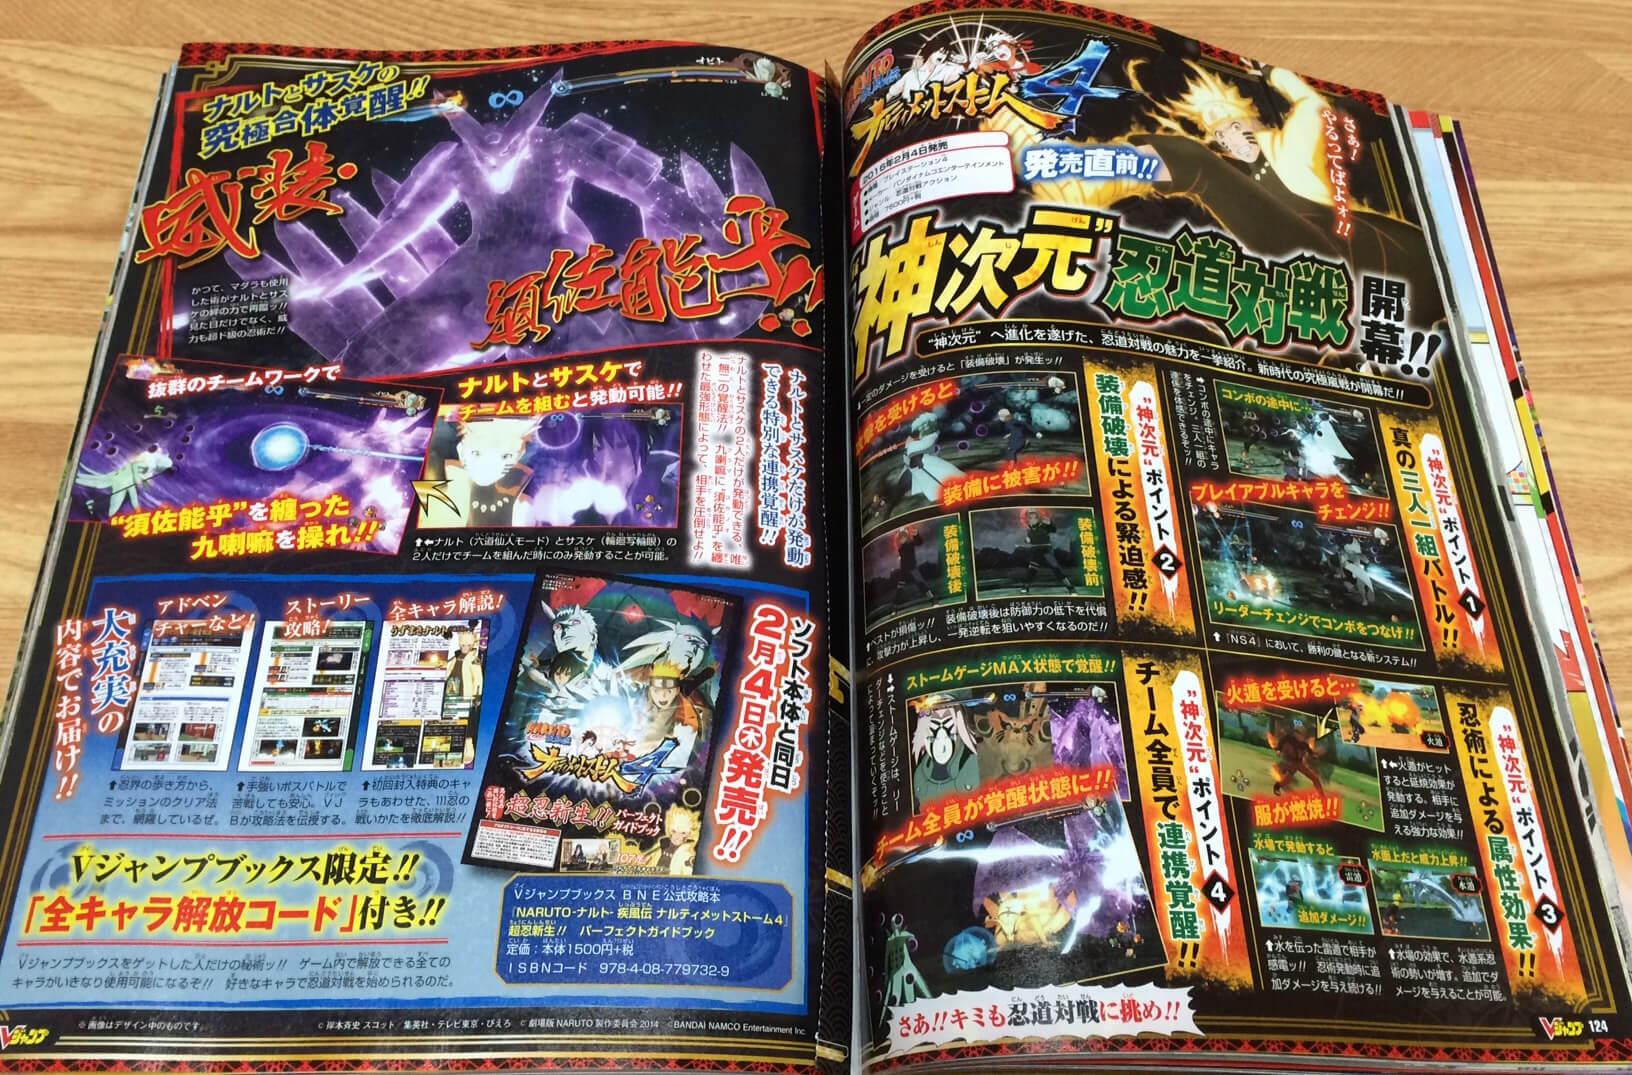 Naruto Storm 4 Jump